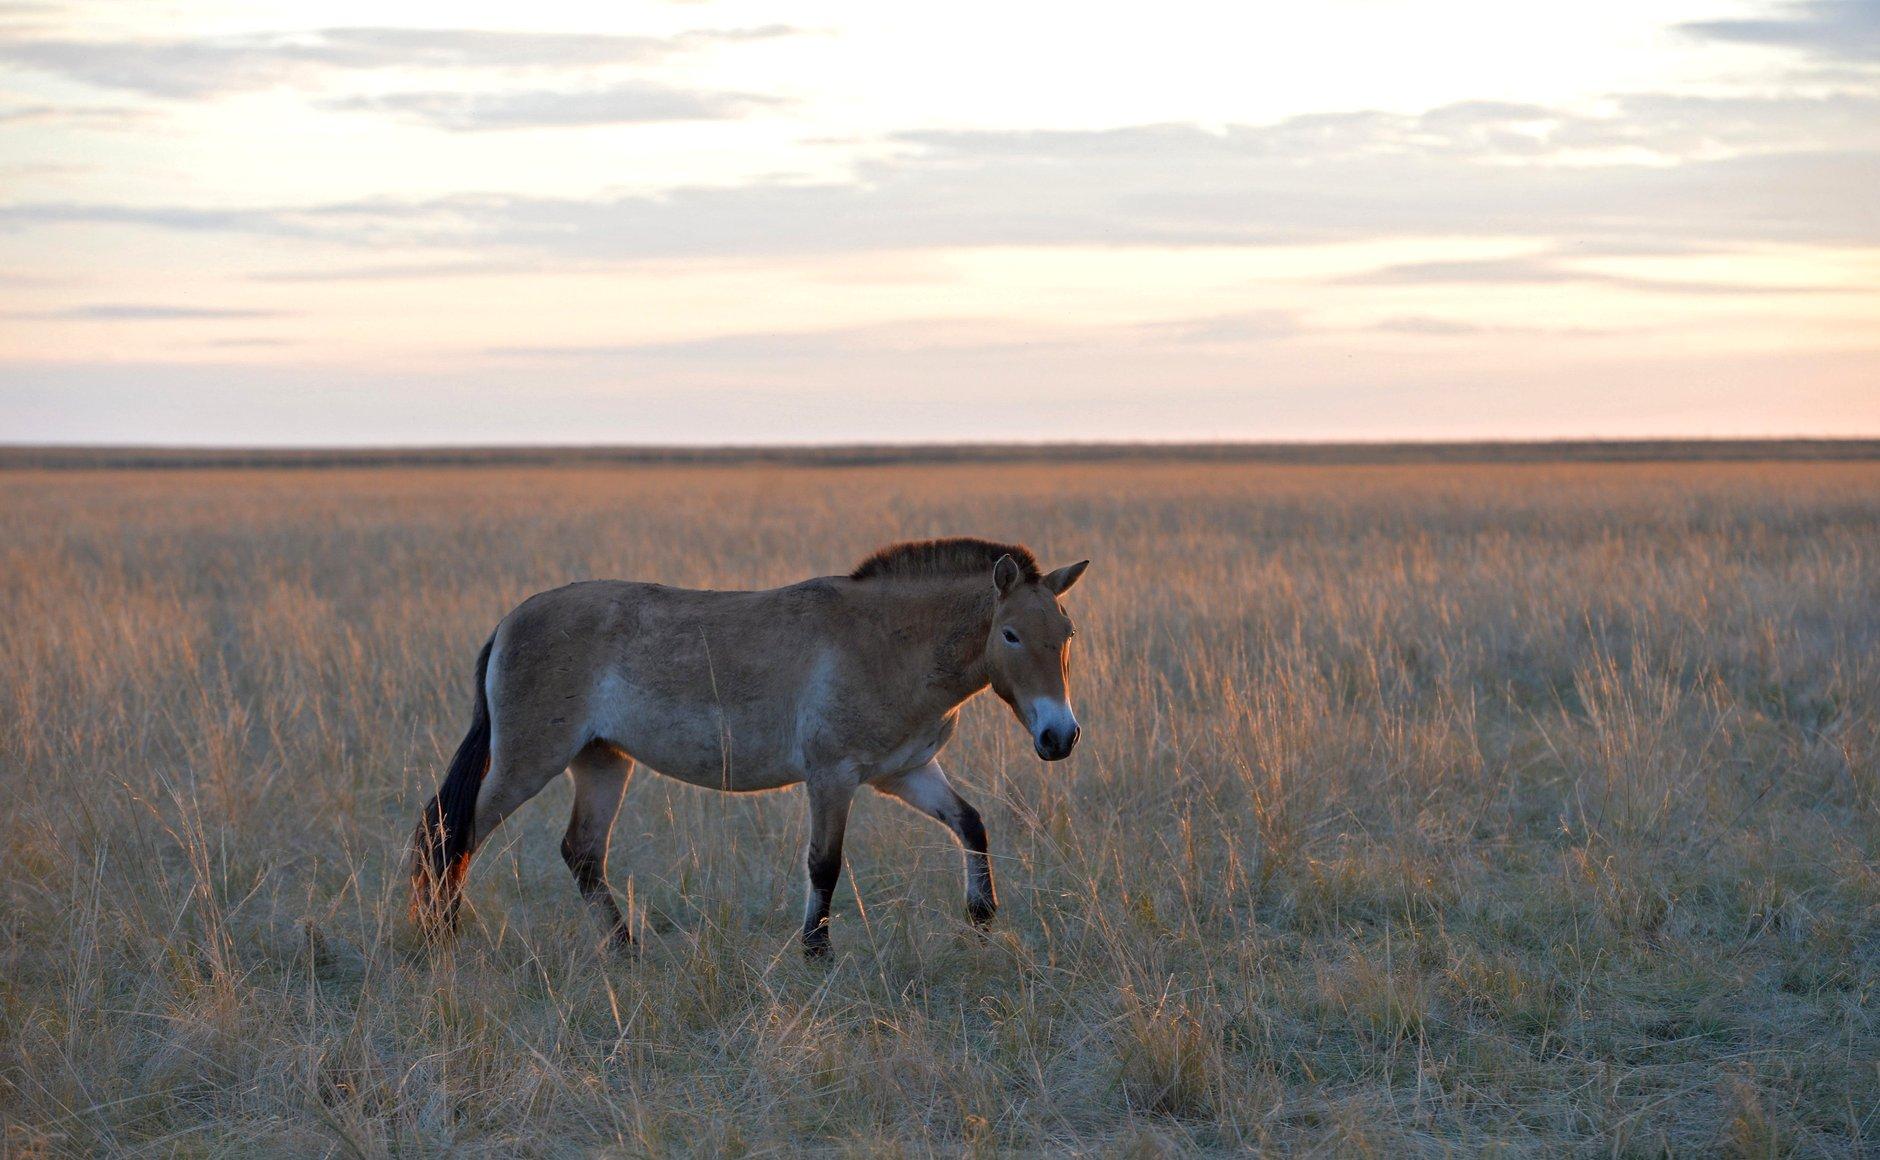 Нельзя выпускать лошадей Пржевальского в зонах, где возможно перекрытие с домашней лошадью